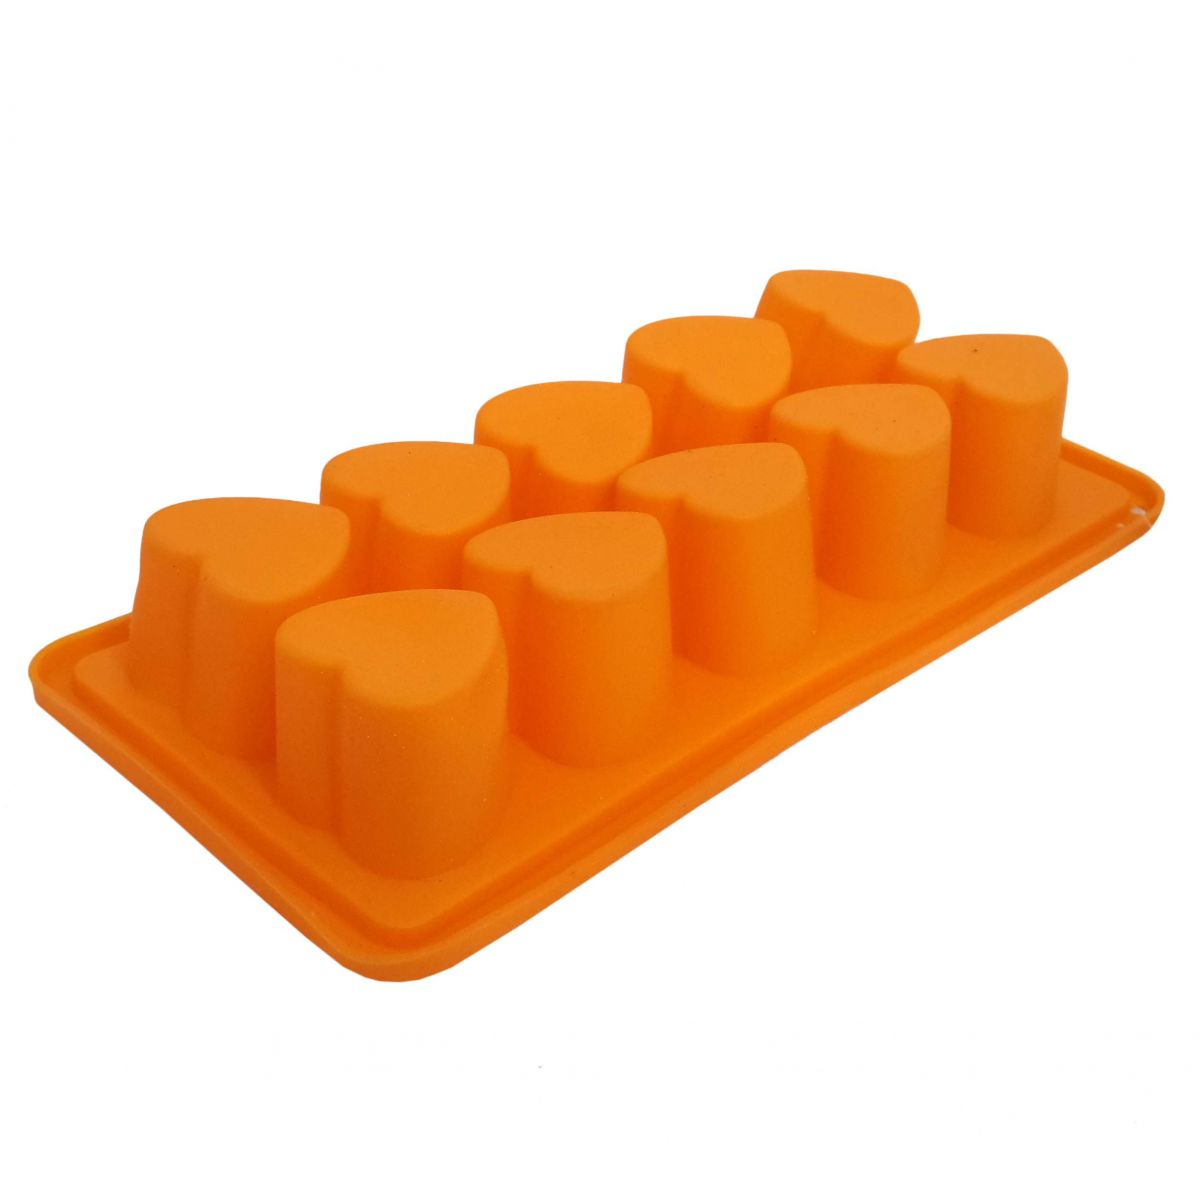 Kit Com 2 Formas De Gelo Em Silicone Para Cozinha Estilo Coração Laranja (sili-19)